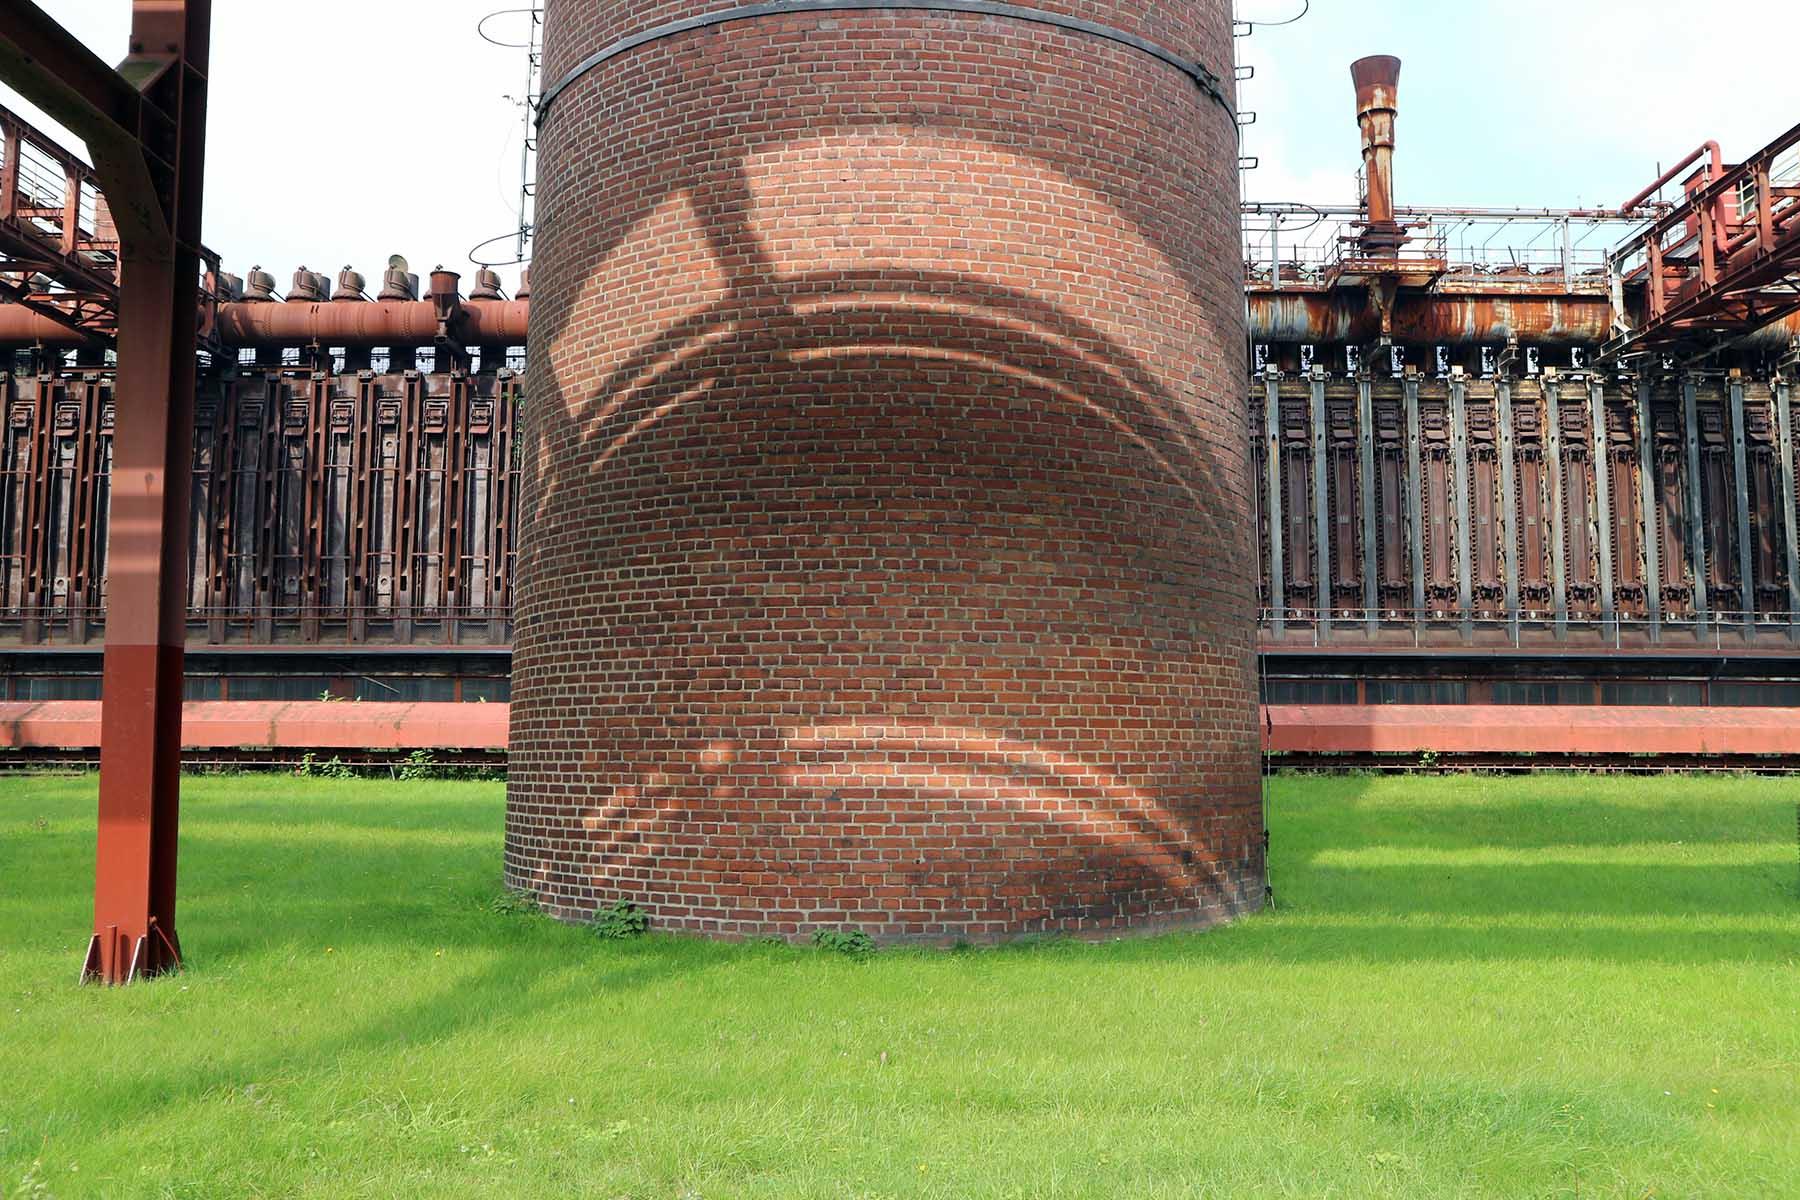 Zeche Zollverein.  Nach der Stilllegung übernahm das Land Nordrhein-Westfalen das Gelände von der damaligen Ruhrkohle AG. Die Anlage sollte nach China verkauft werden, doch es kam nicht zum Vertragsabschluss. Die Internationale Bauausstellung Emscher Park sprach sich für den Erhalt der Kokerei aus.